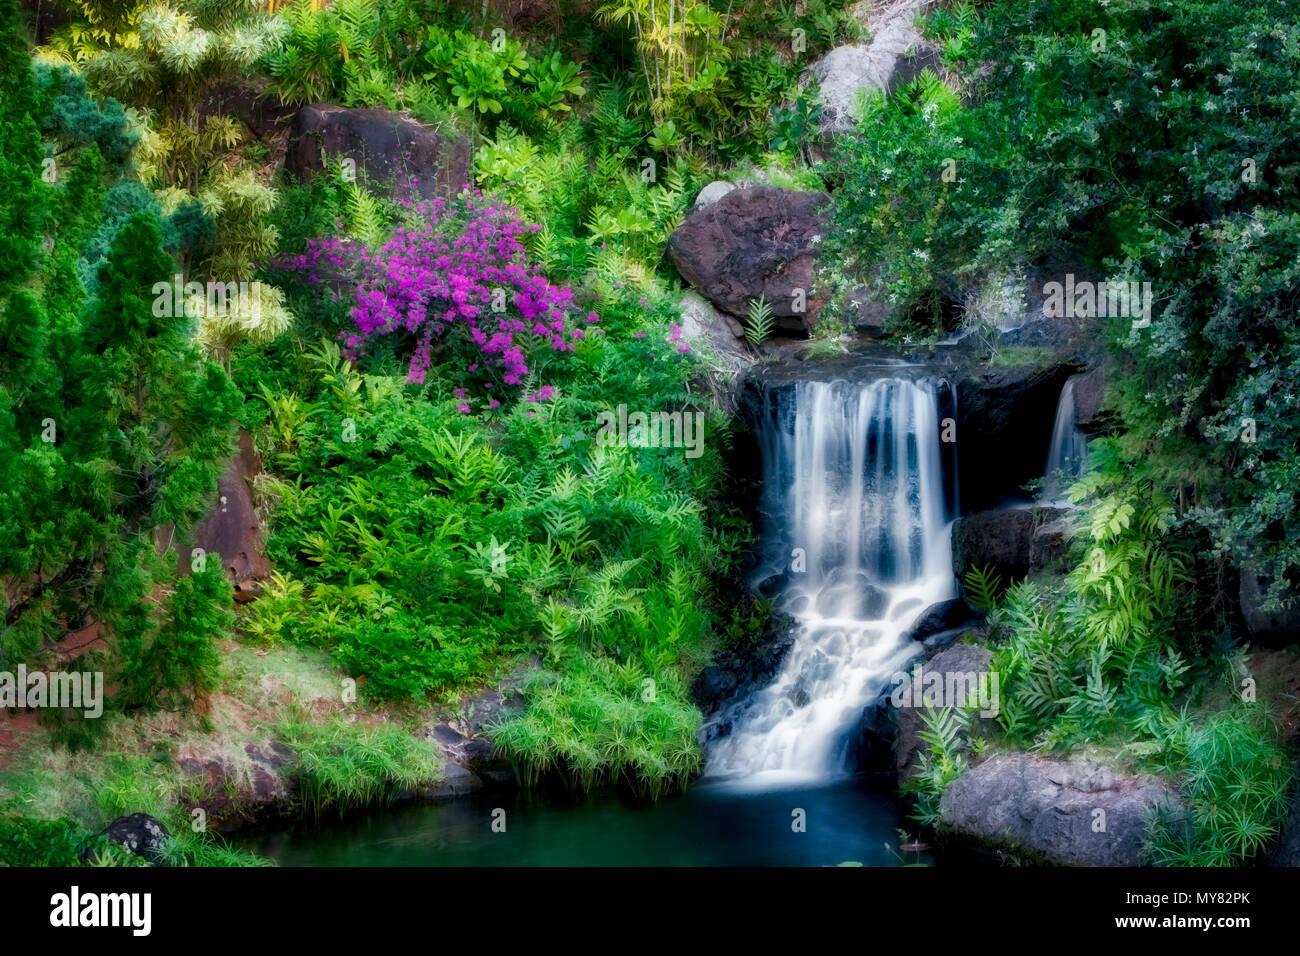 Waterfall At Na Aina Kai Botanical Gardens Kauai Hawaii Stock